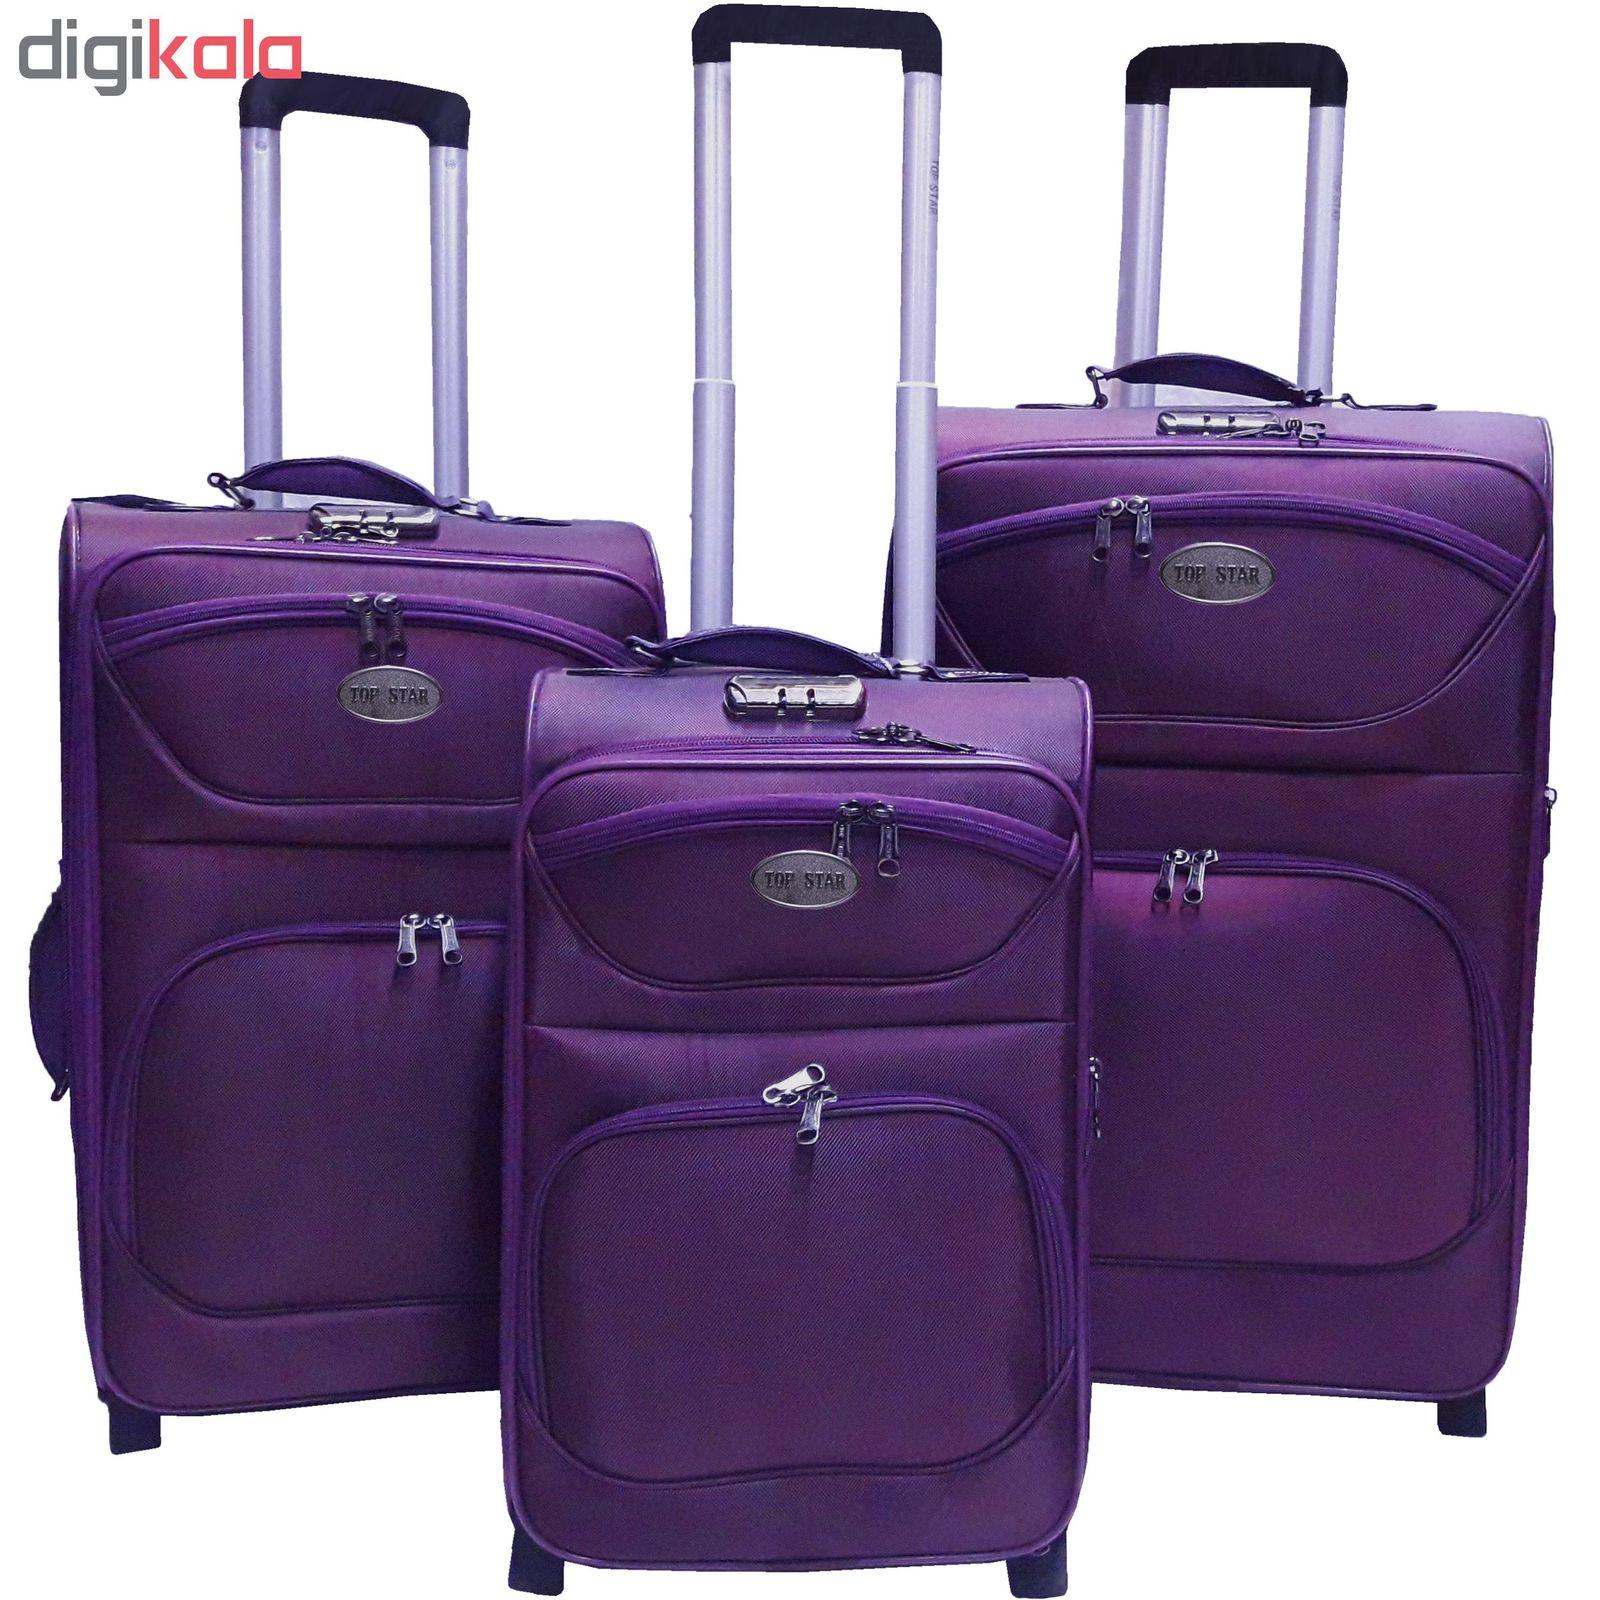 مجموعه سه عددی چمدان تاپ استار مدل t3 main 1 5